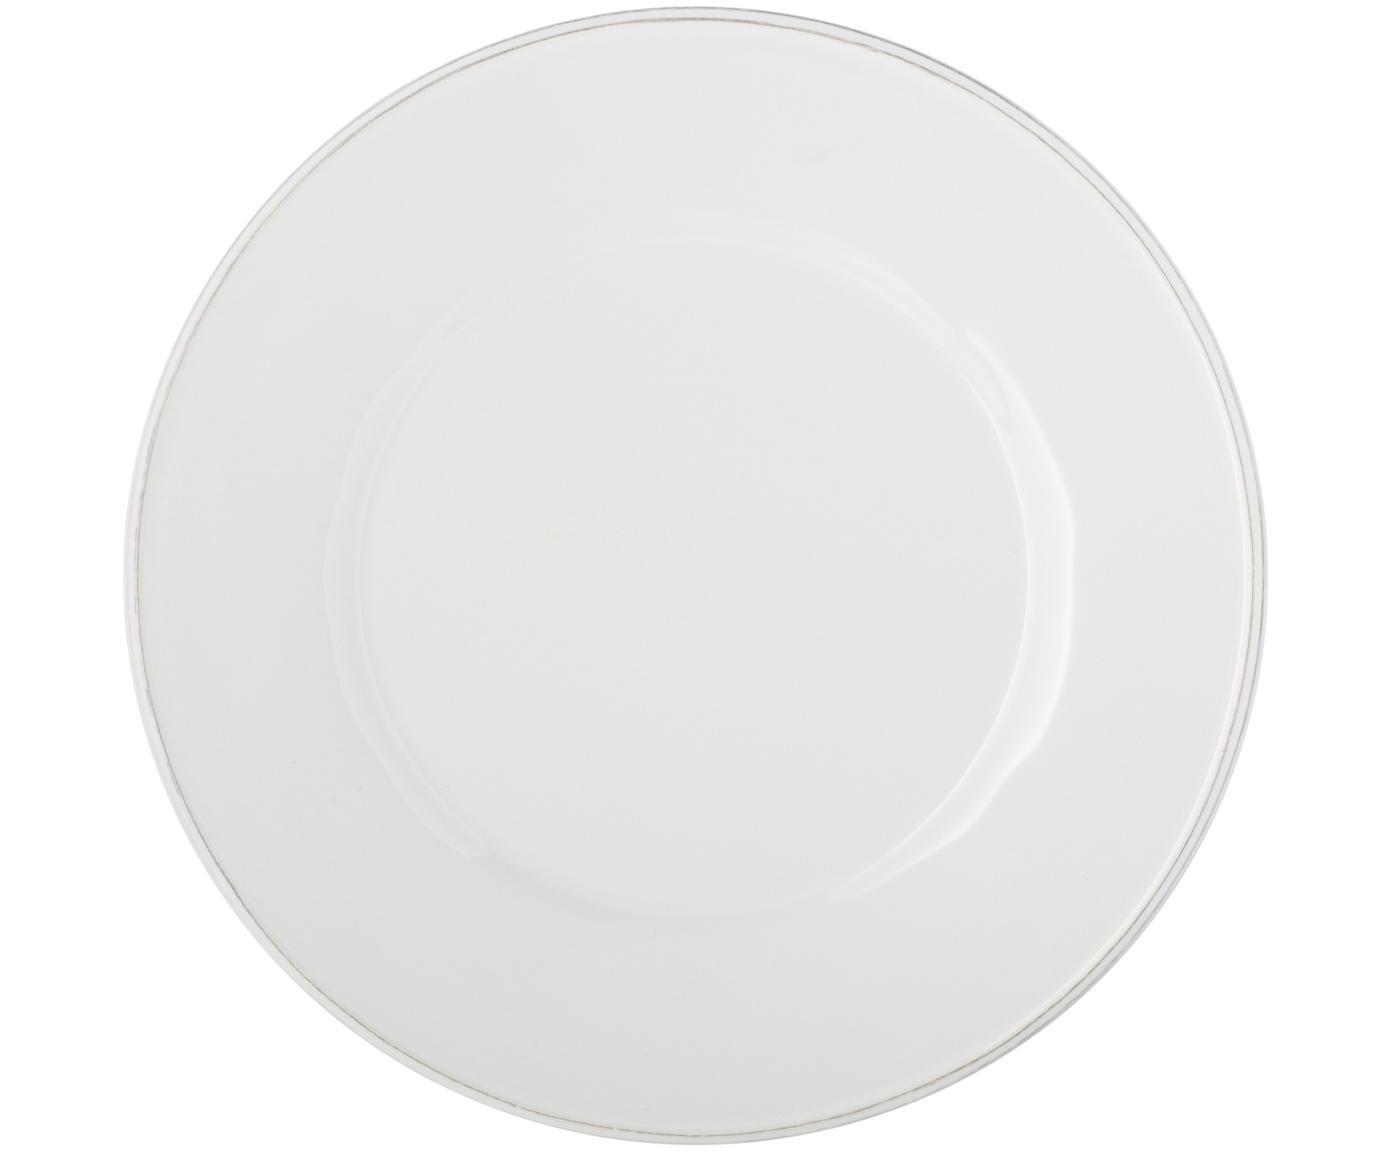 Speiseteller Constance in Weiß, 2 Stück, Steingut, Weiß, Ø 29 cm